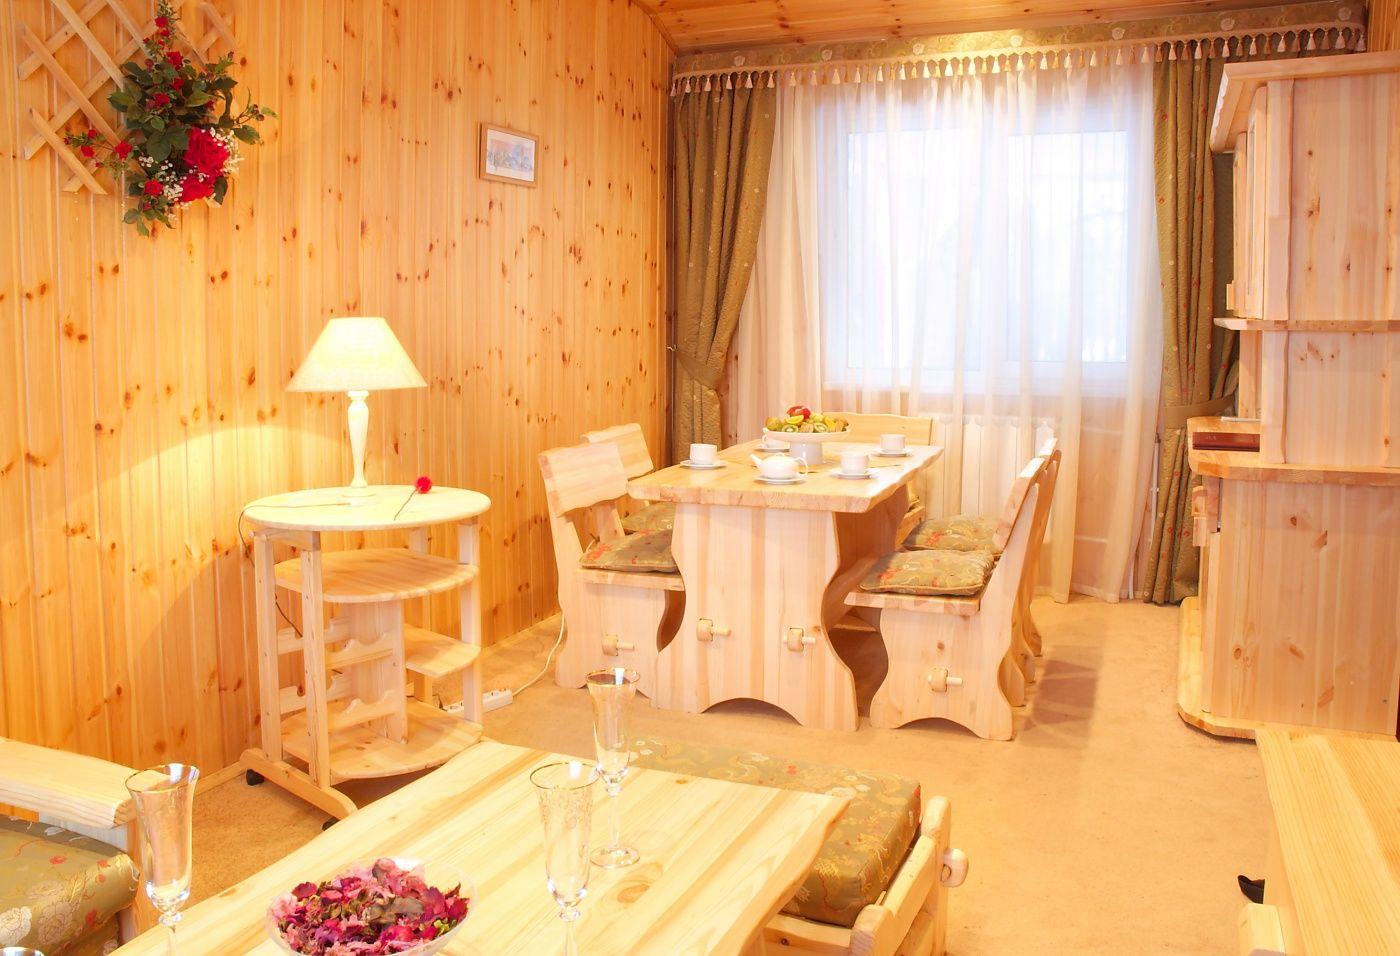 Загородный отель «Foresta Festival Park» Московская область Вилла «Фореста», фото 4